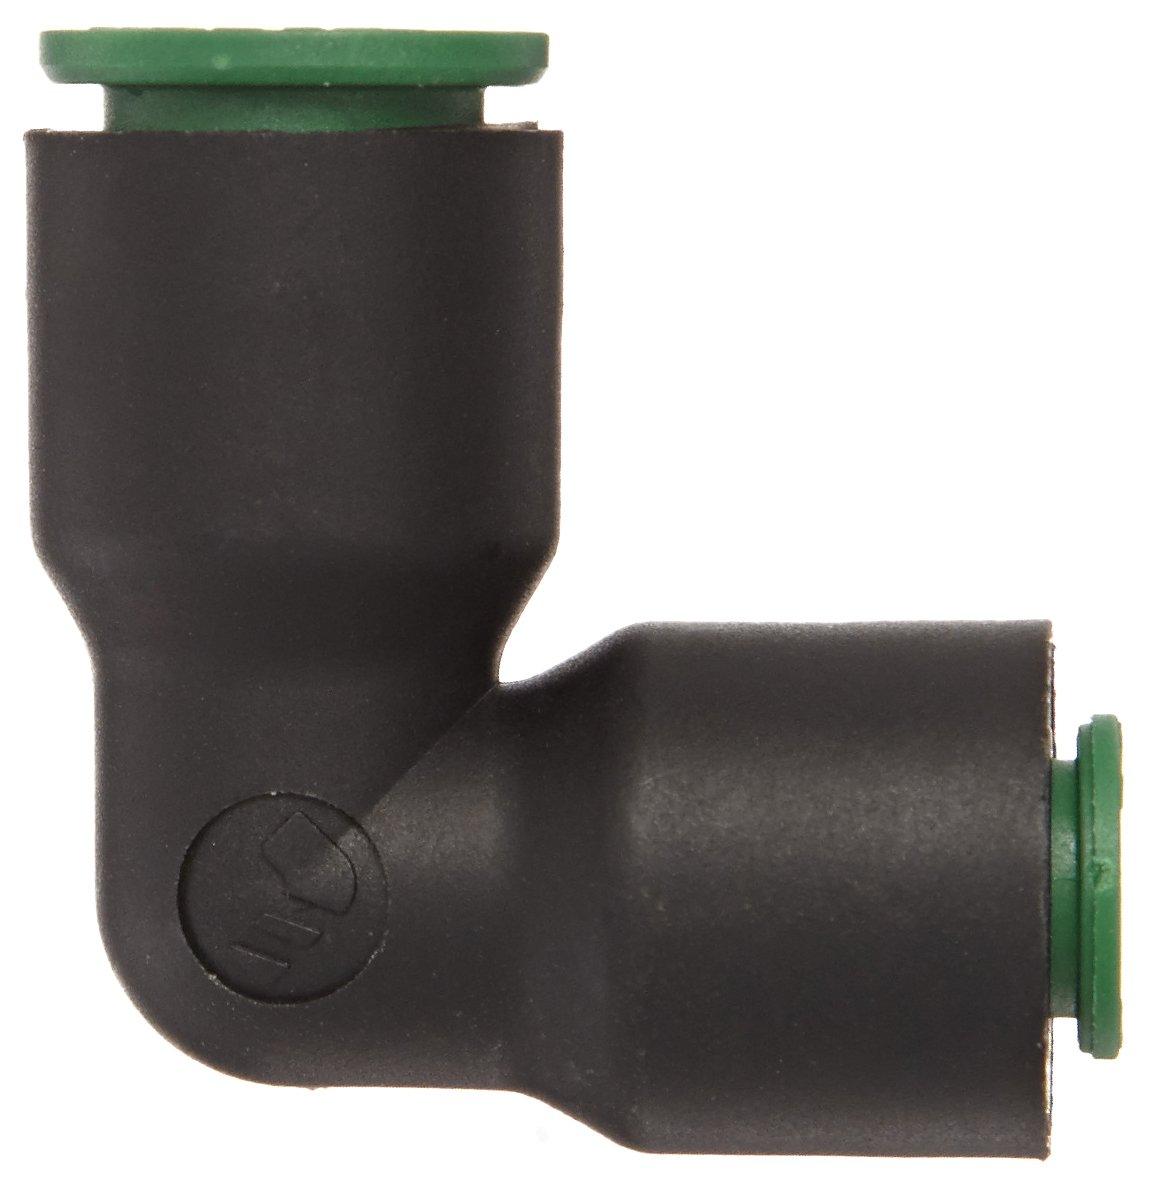 90 Degree Union Elbow 1//2 Tube OD Legris 3102 62 00 Nylon Push-to-Connect Fitting